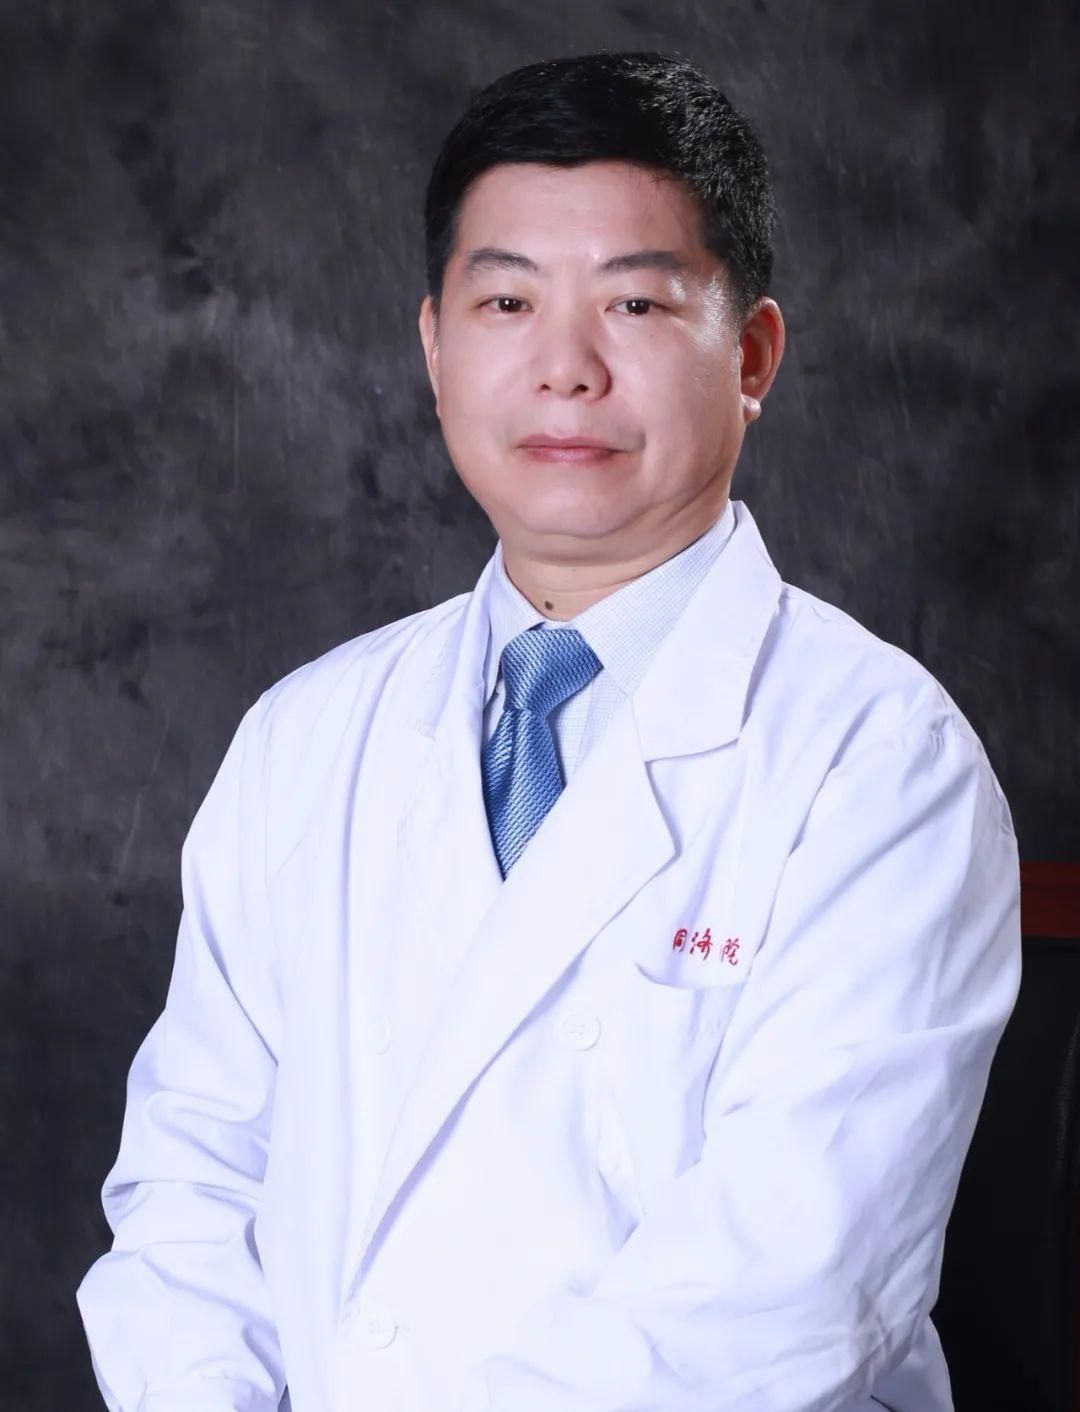 上海市同济医院郑少强:医学影像对疾病的预防有哪些作用?